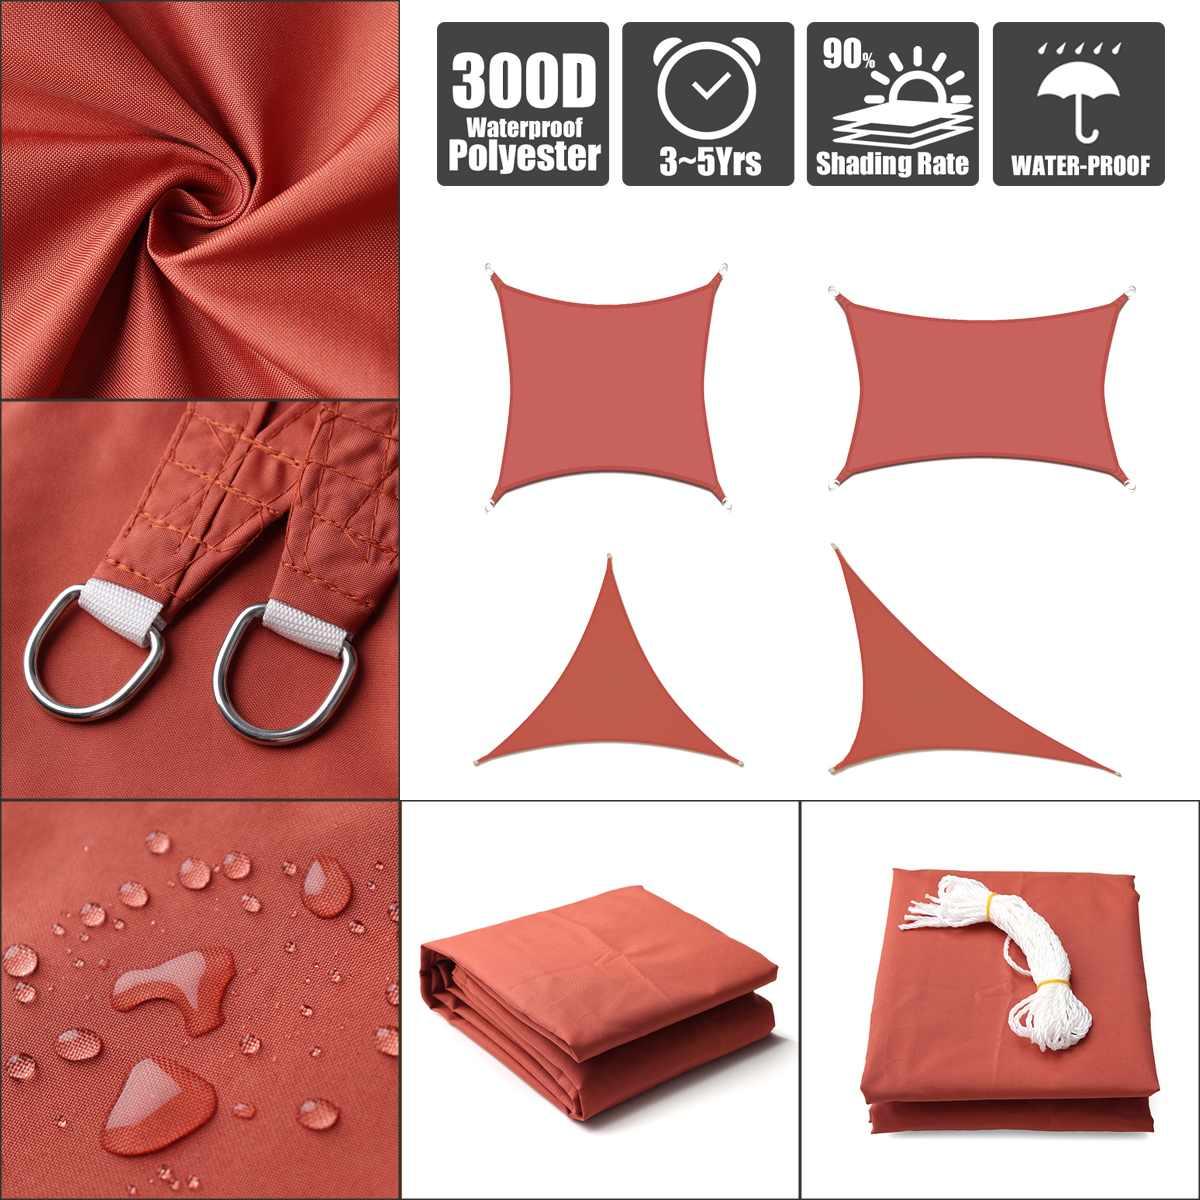 2,5x2,5x3x3 4x4x4 2x3x2x4 rojo óxido rectángulo cuadrado 300D 160GSM tela de poliéster Oxford sombra vela